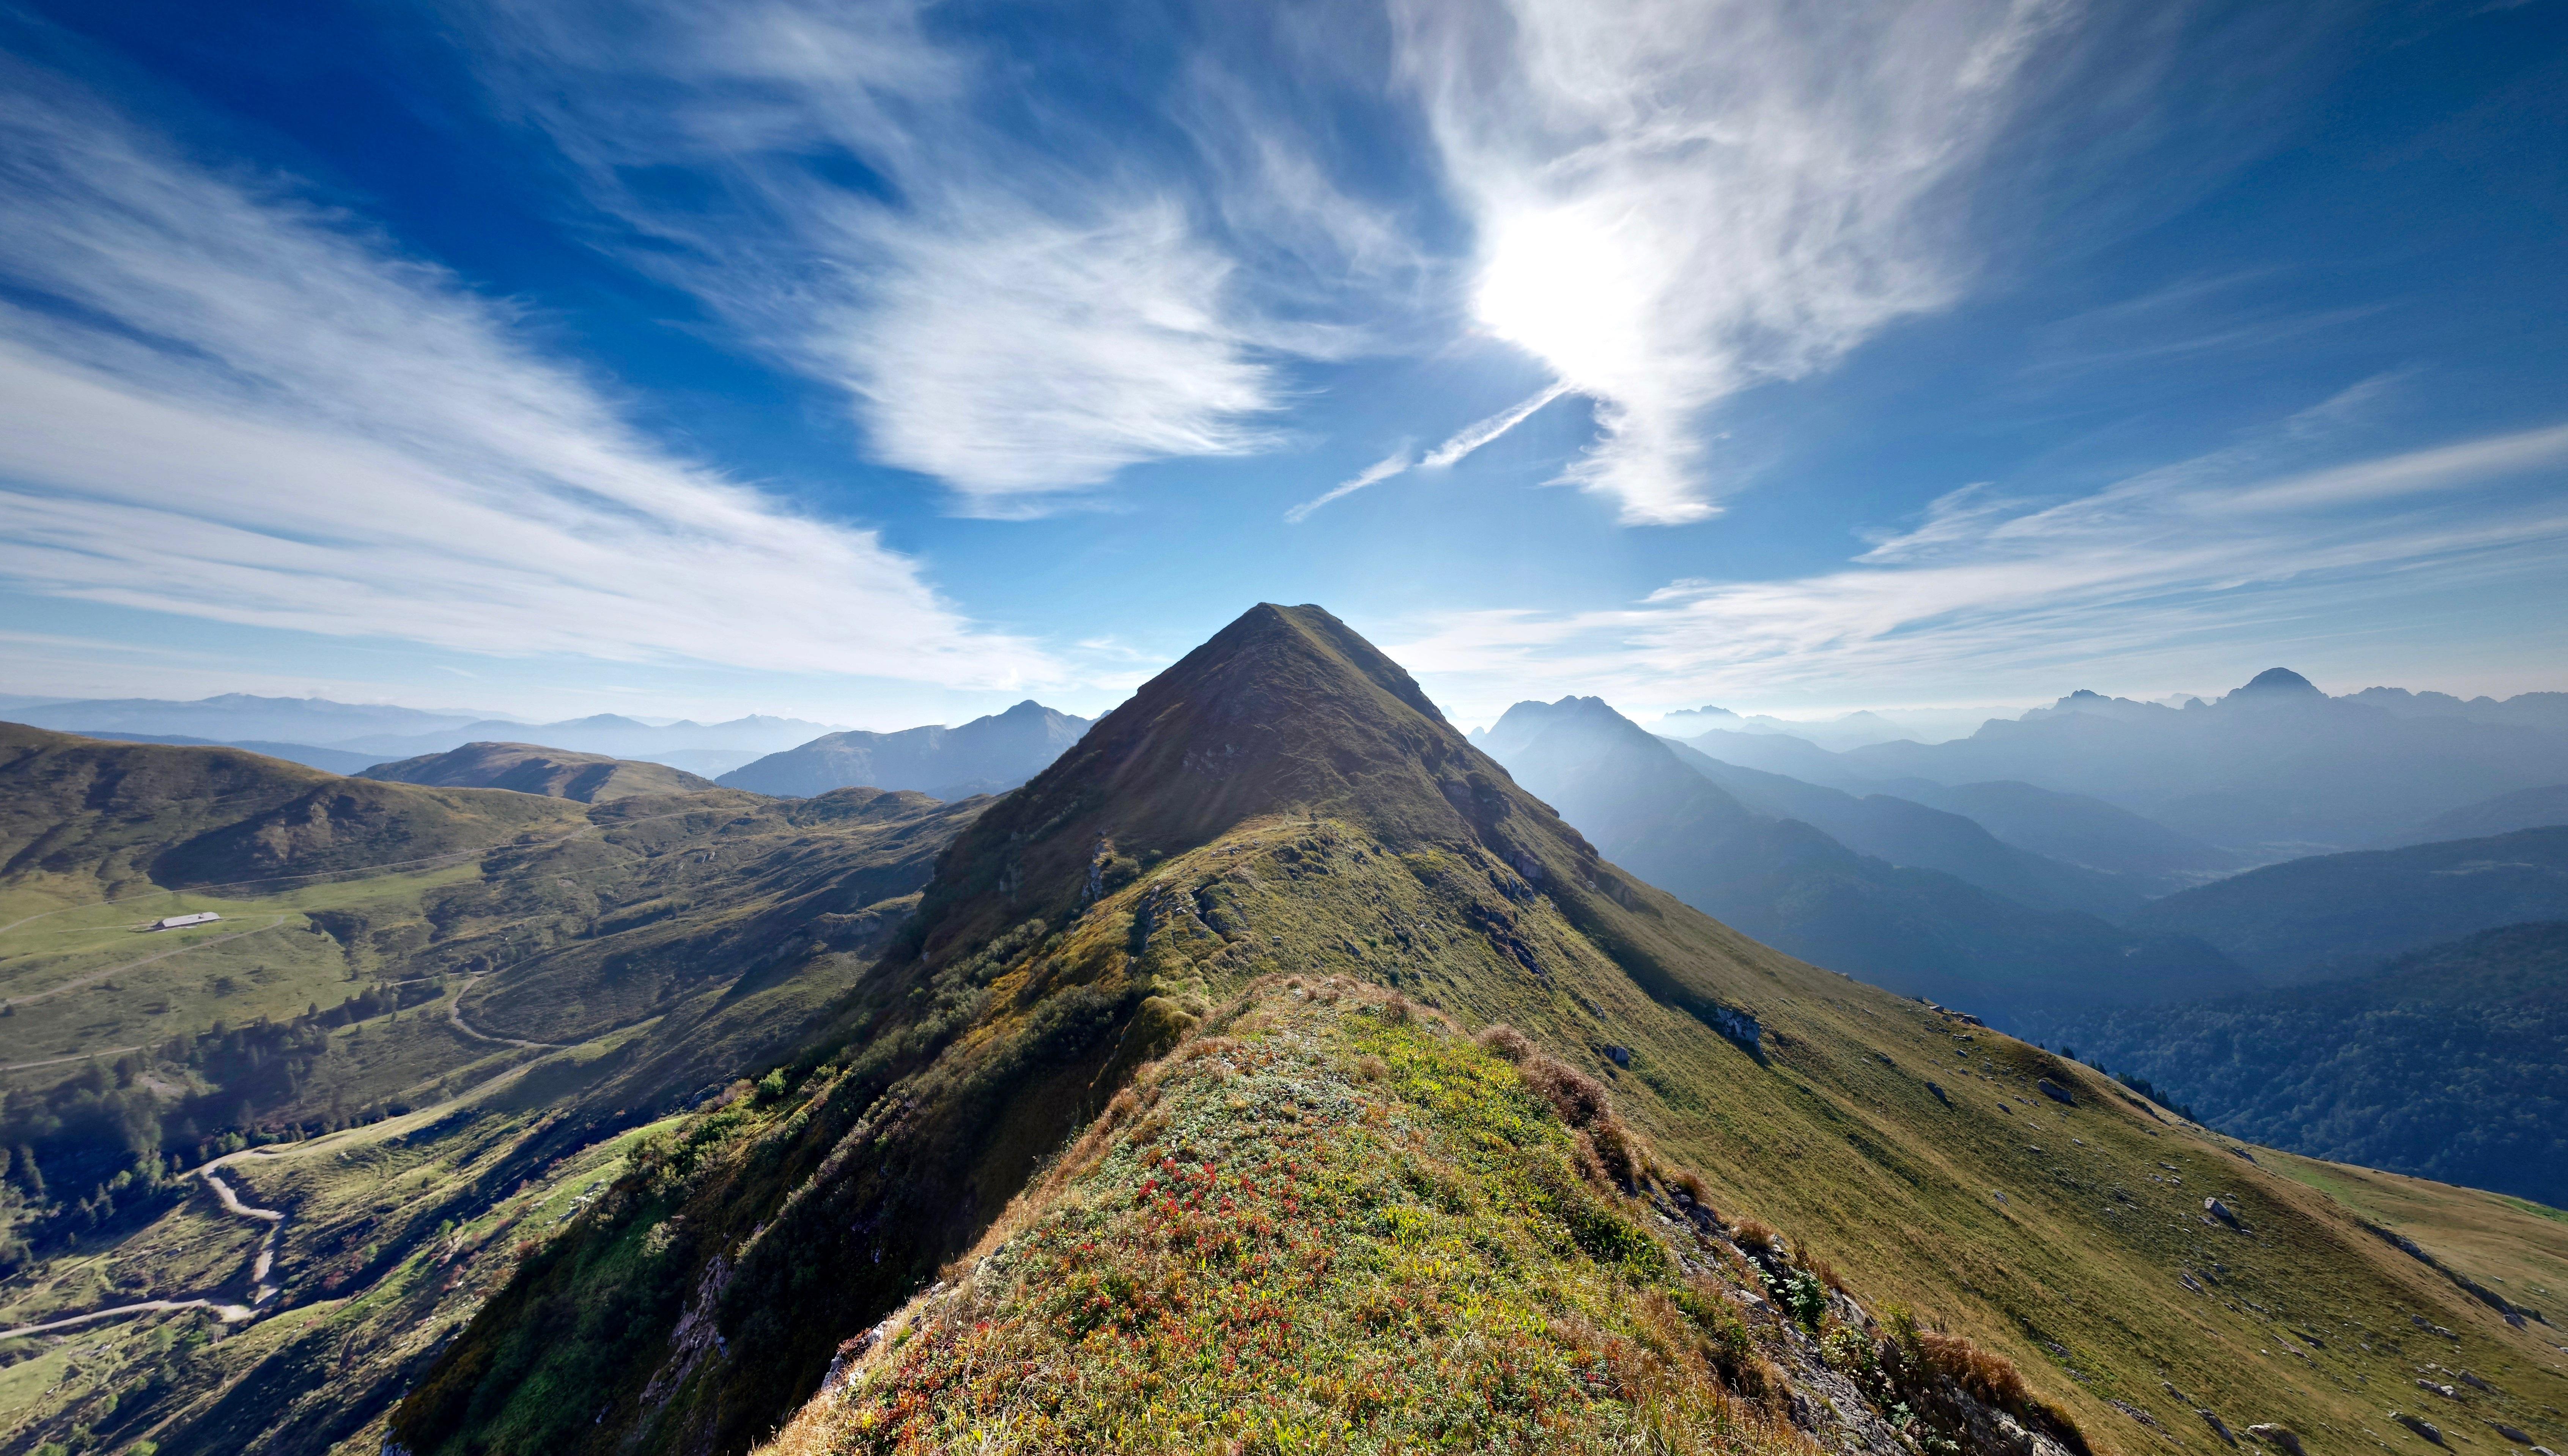 фотографии горных вершин хотят, чтобы